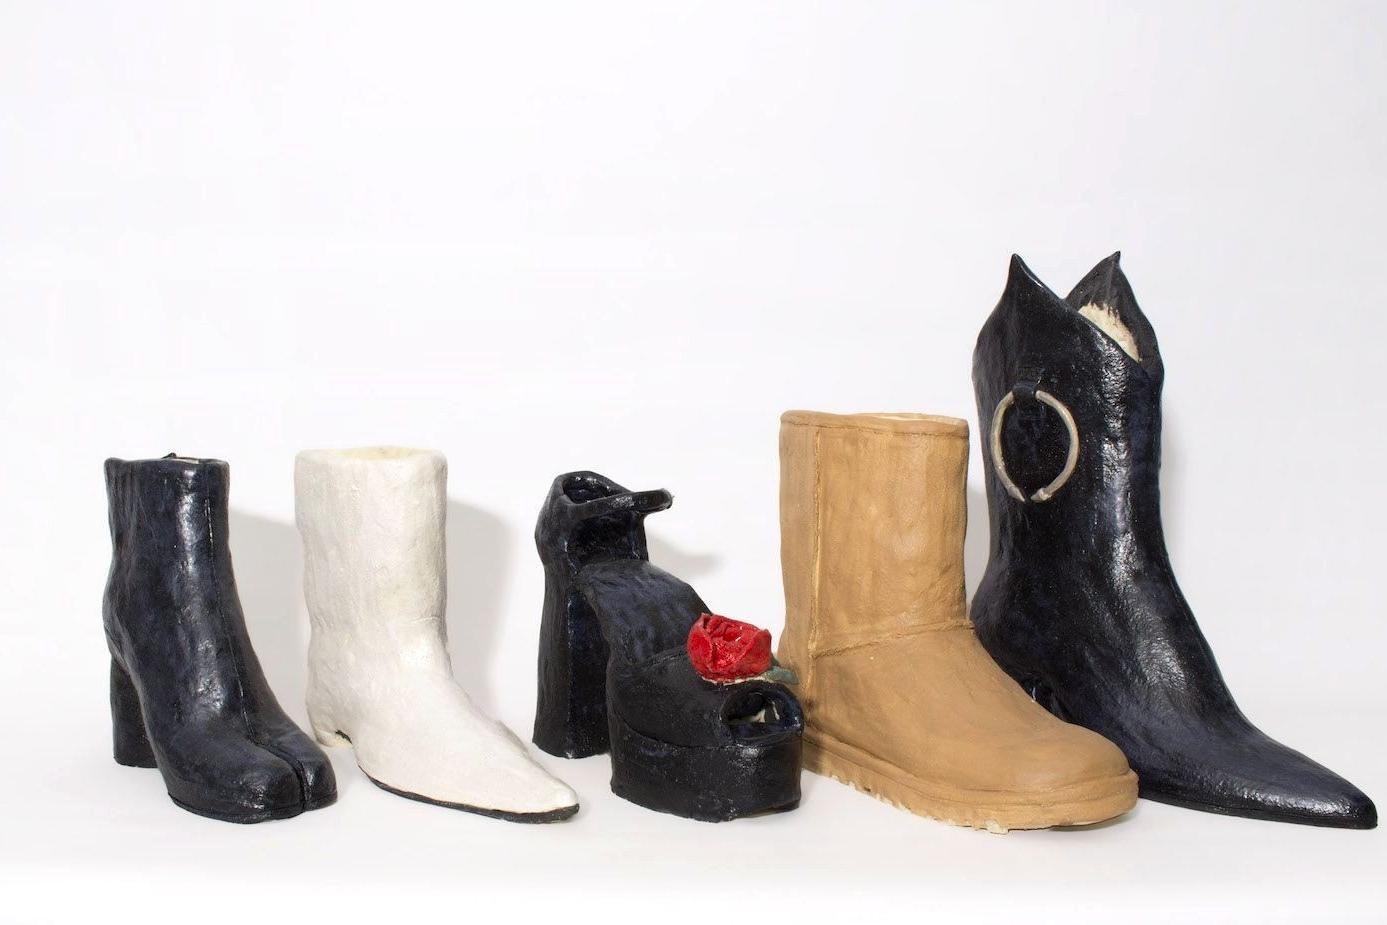 Познакомьтесь со скульптором обуви Дианой Рохас